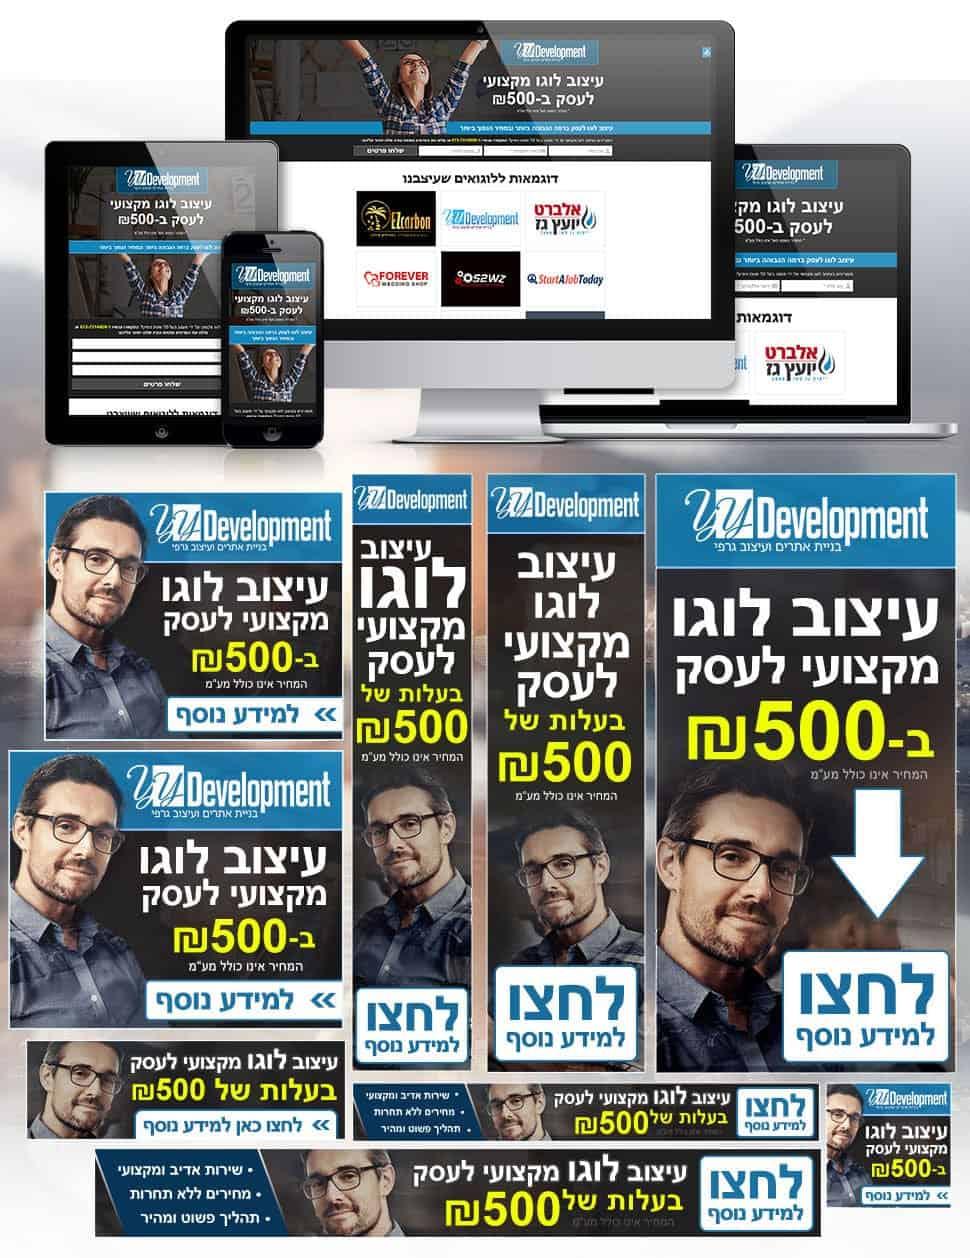 חבילת פרסום לעסק של עיצוב לוגו